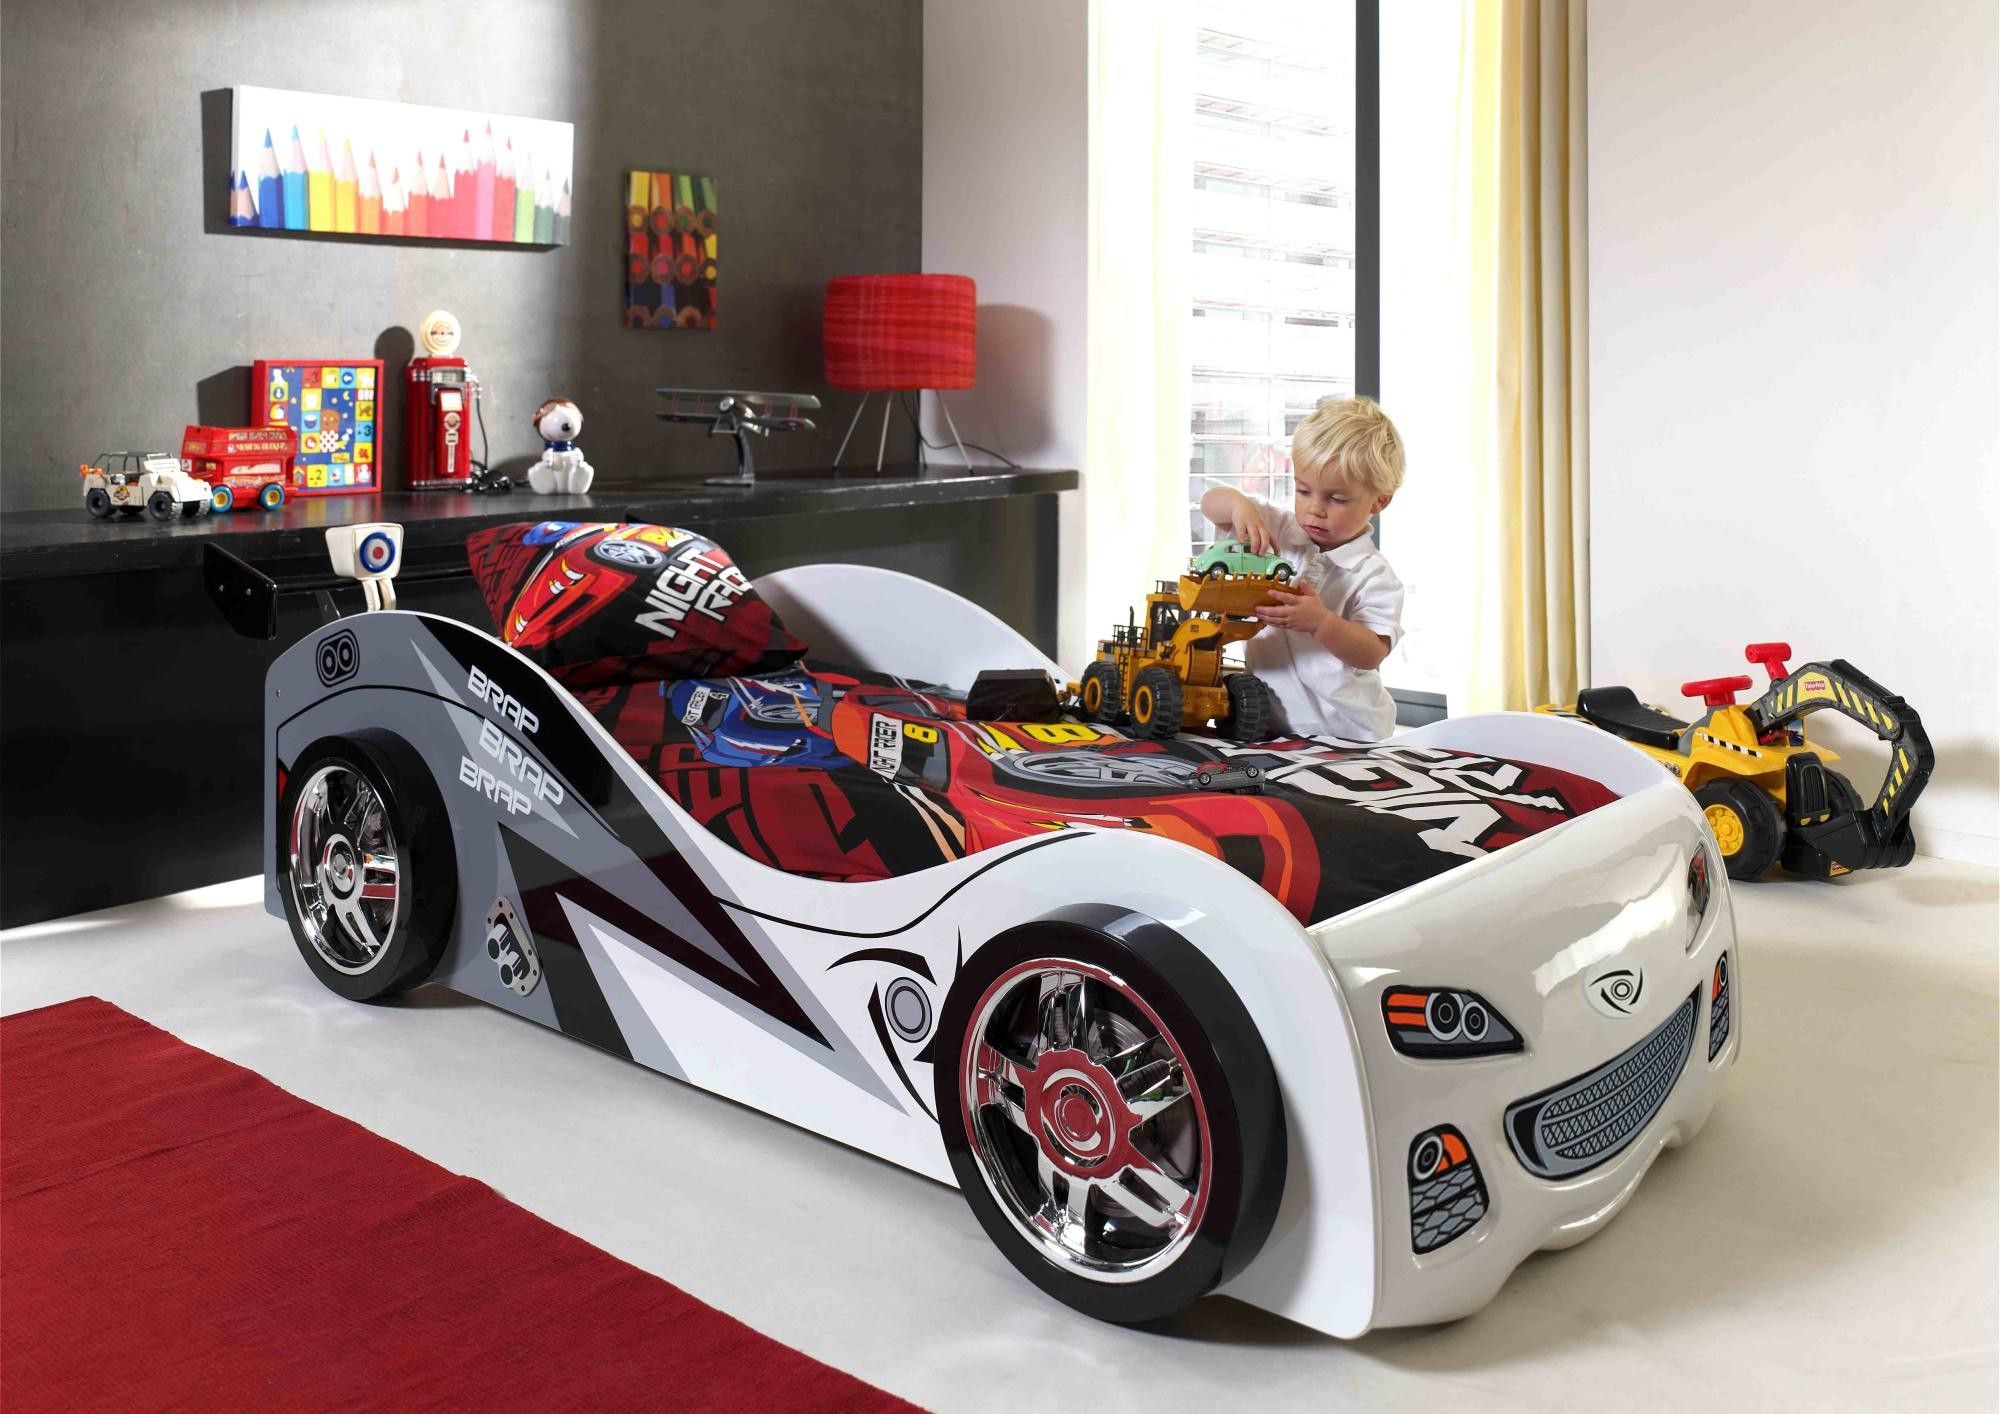 Lit enfant voiture coloris blanc Pole Position | Lit enfant voiture ...